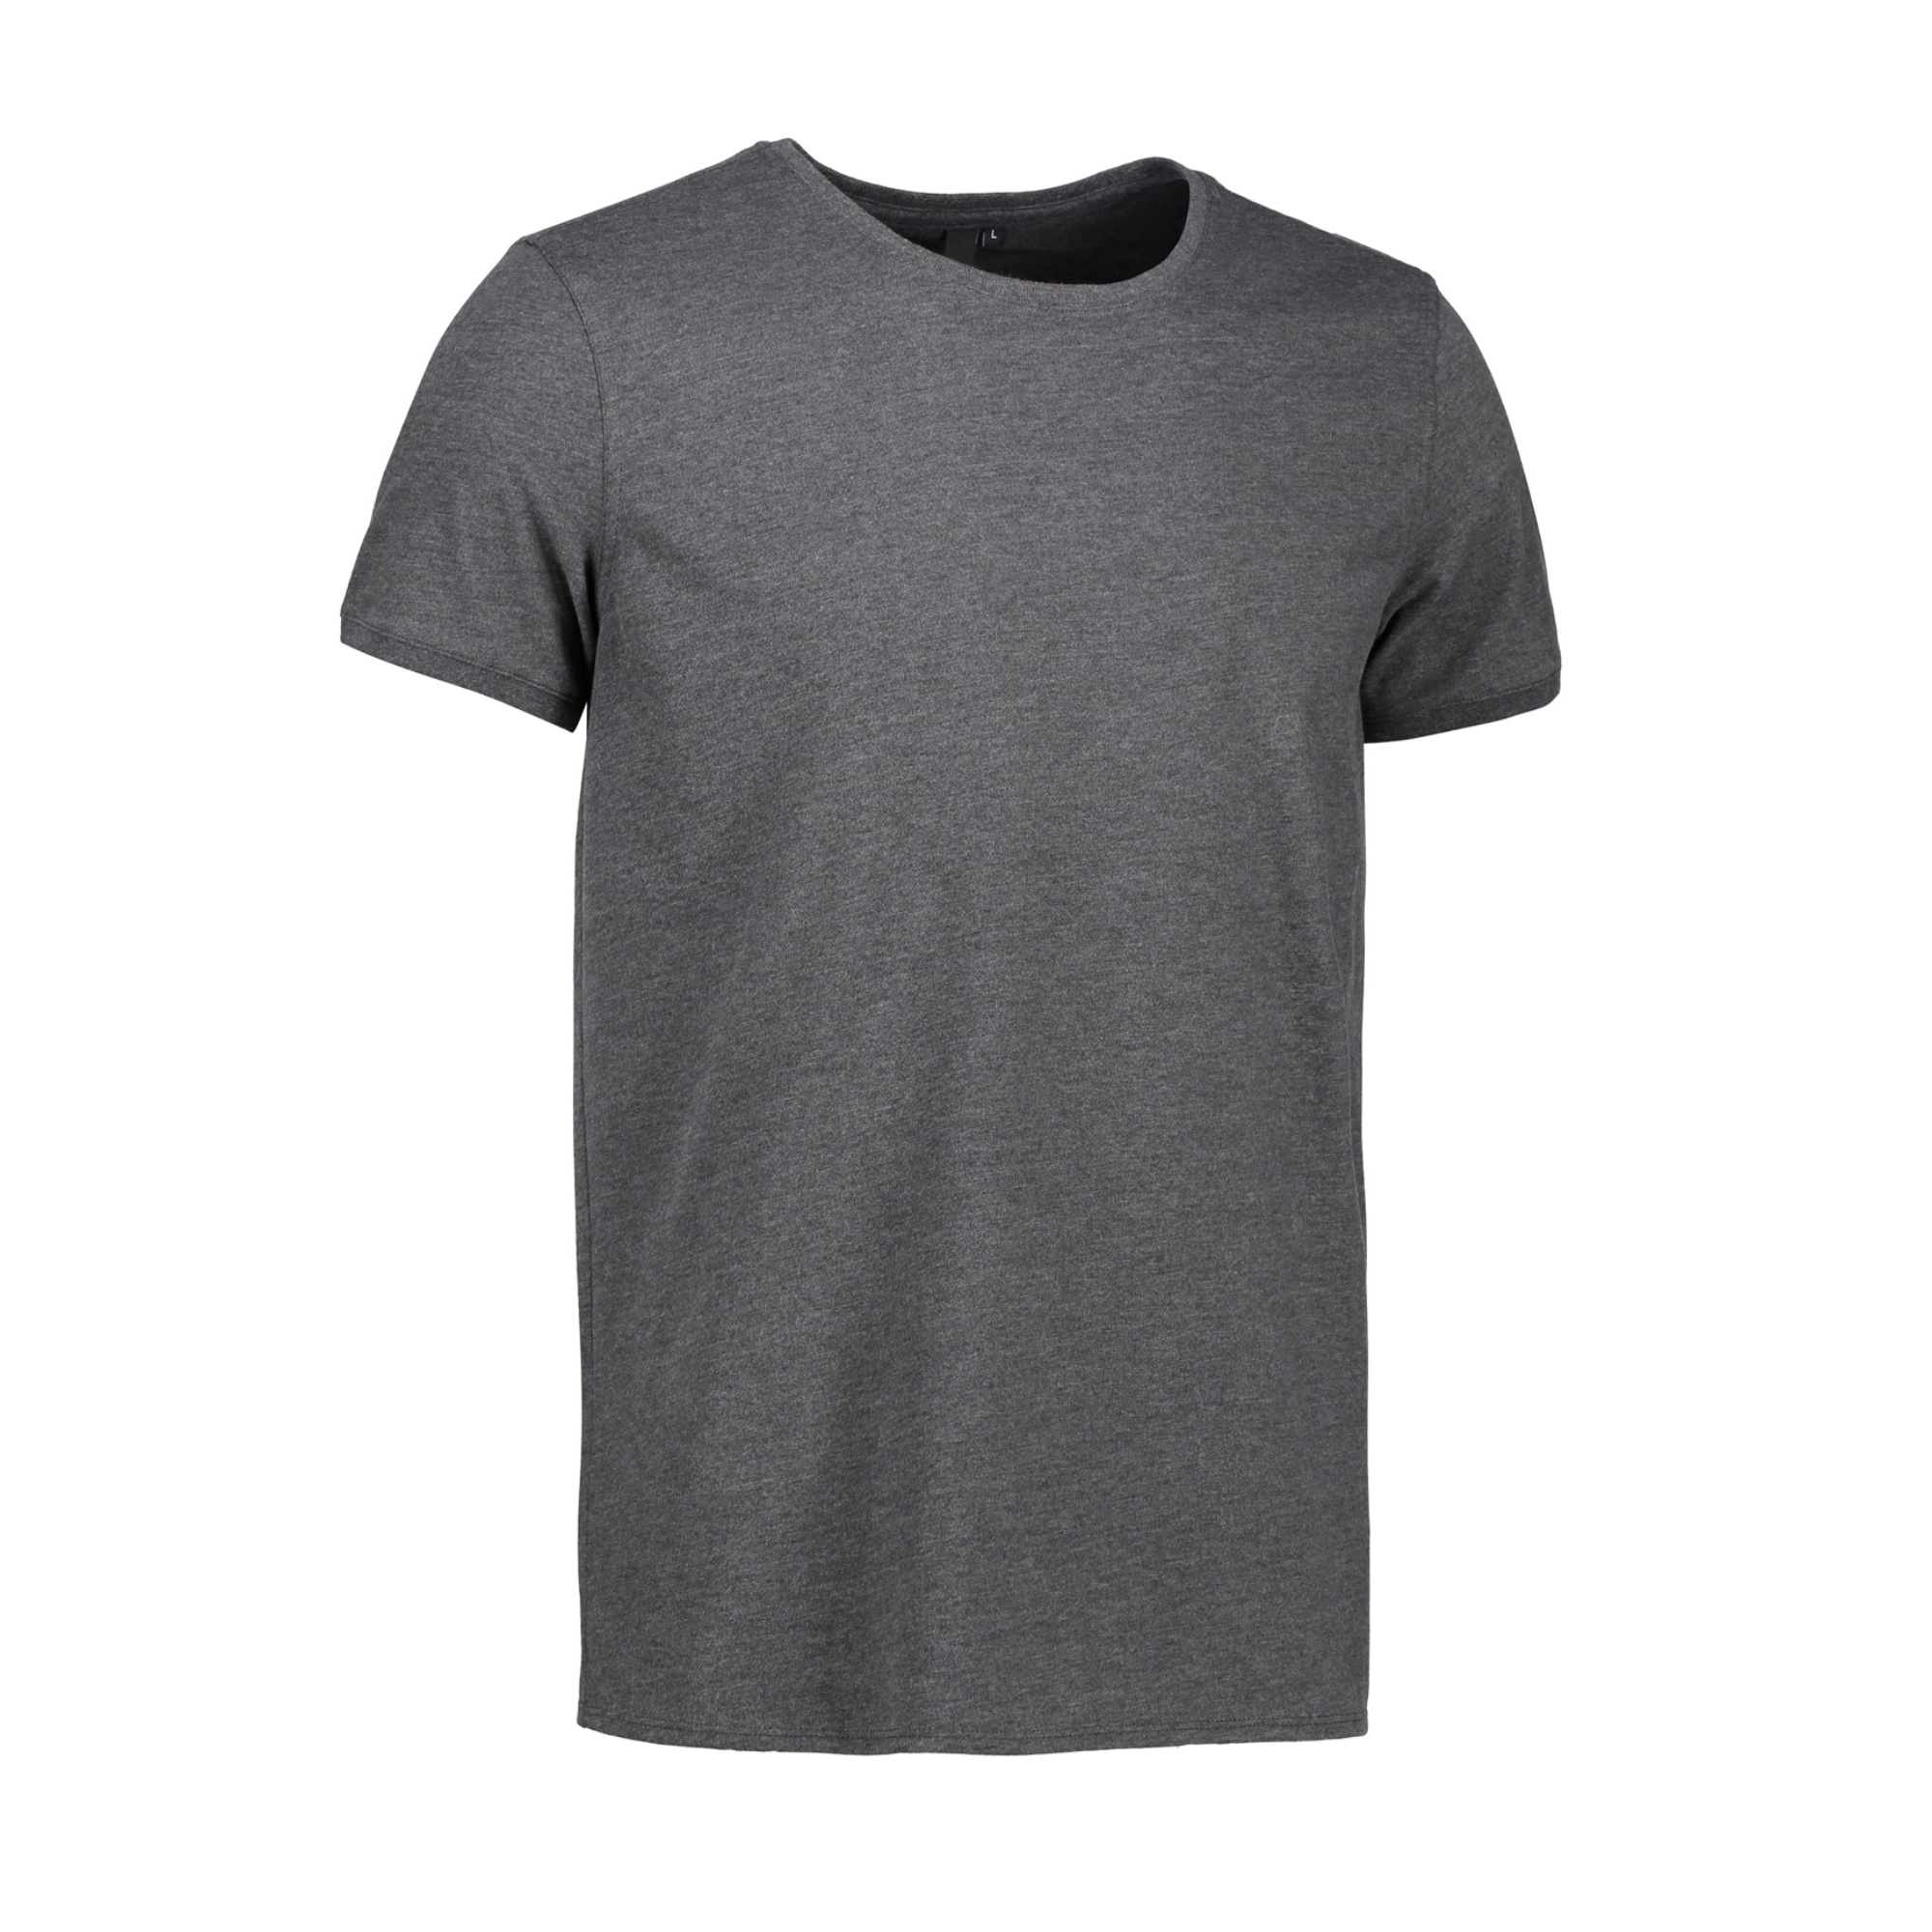 ID-Camiseta-de-manga-corta-ajustada-con-cuello-redondo-para-hombre